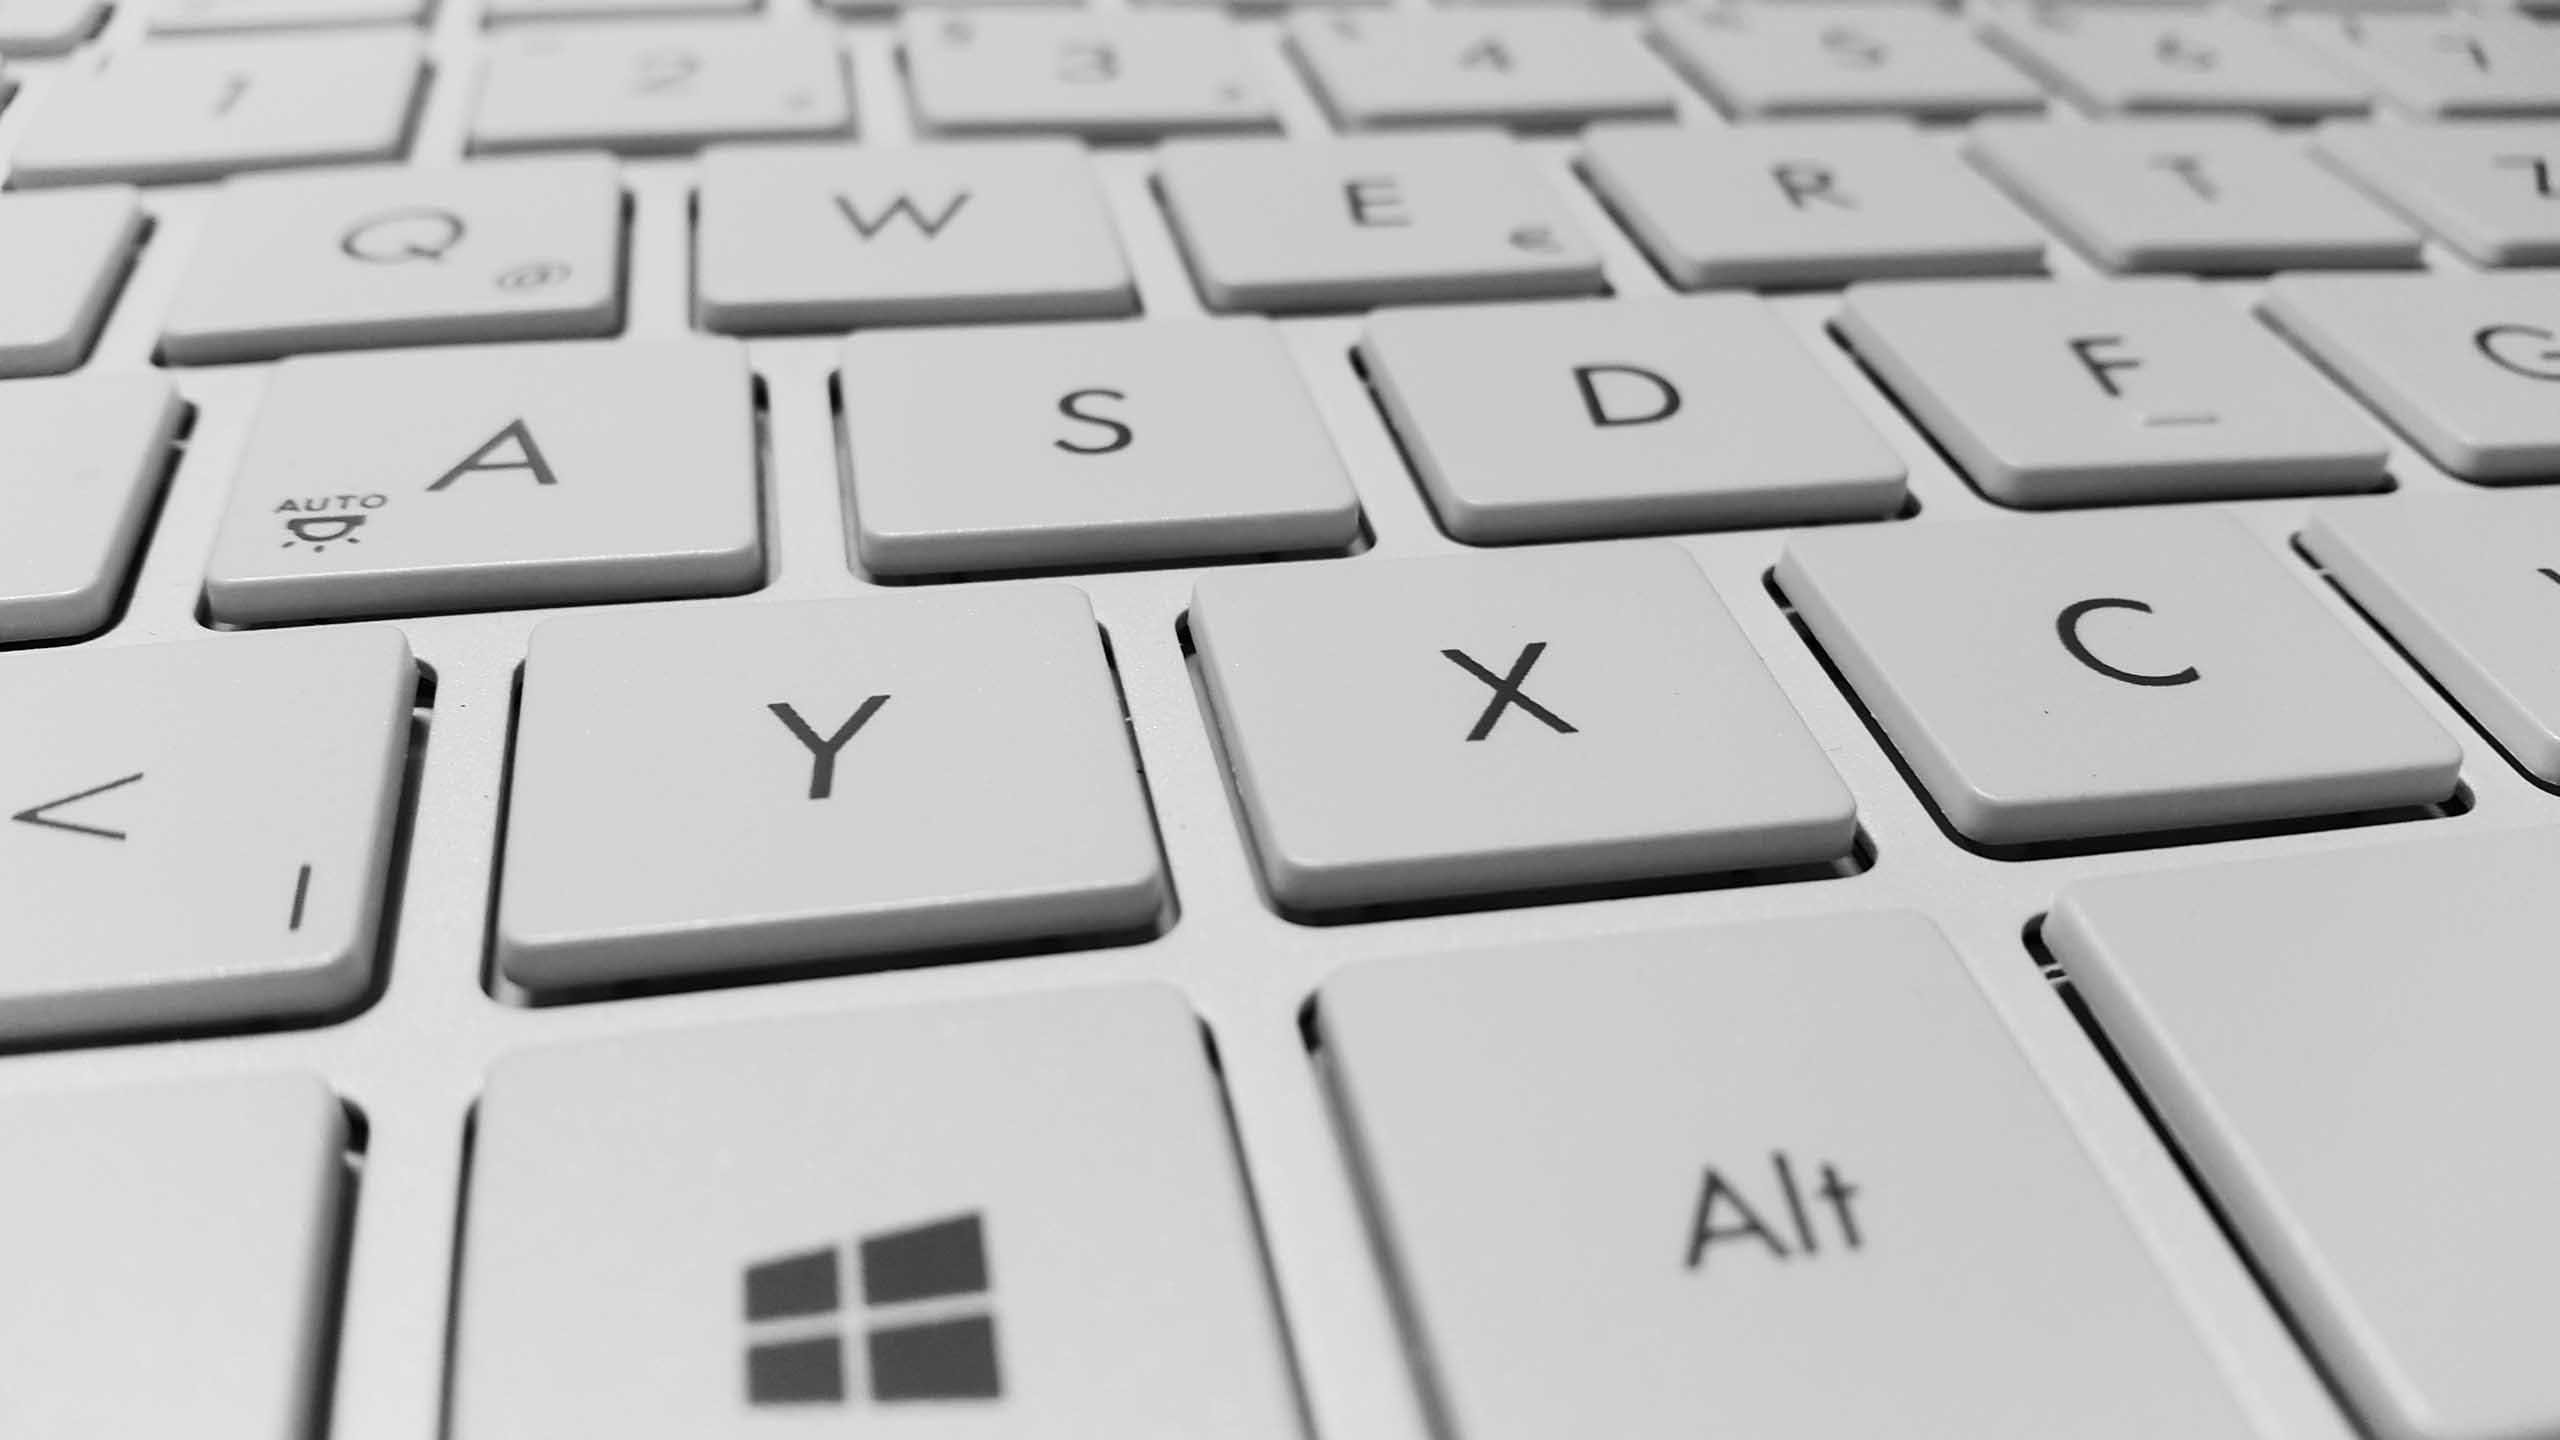 Wenn mit Windows 10 keine Anmeldung beim Konto möglich: So läuft der Rechner trotzdem!